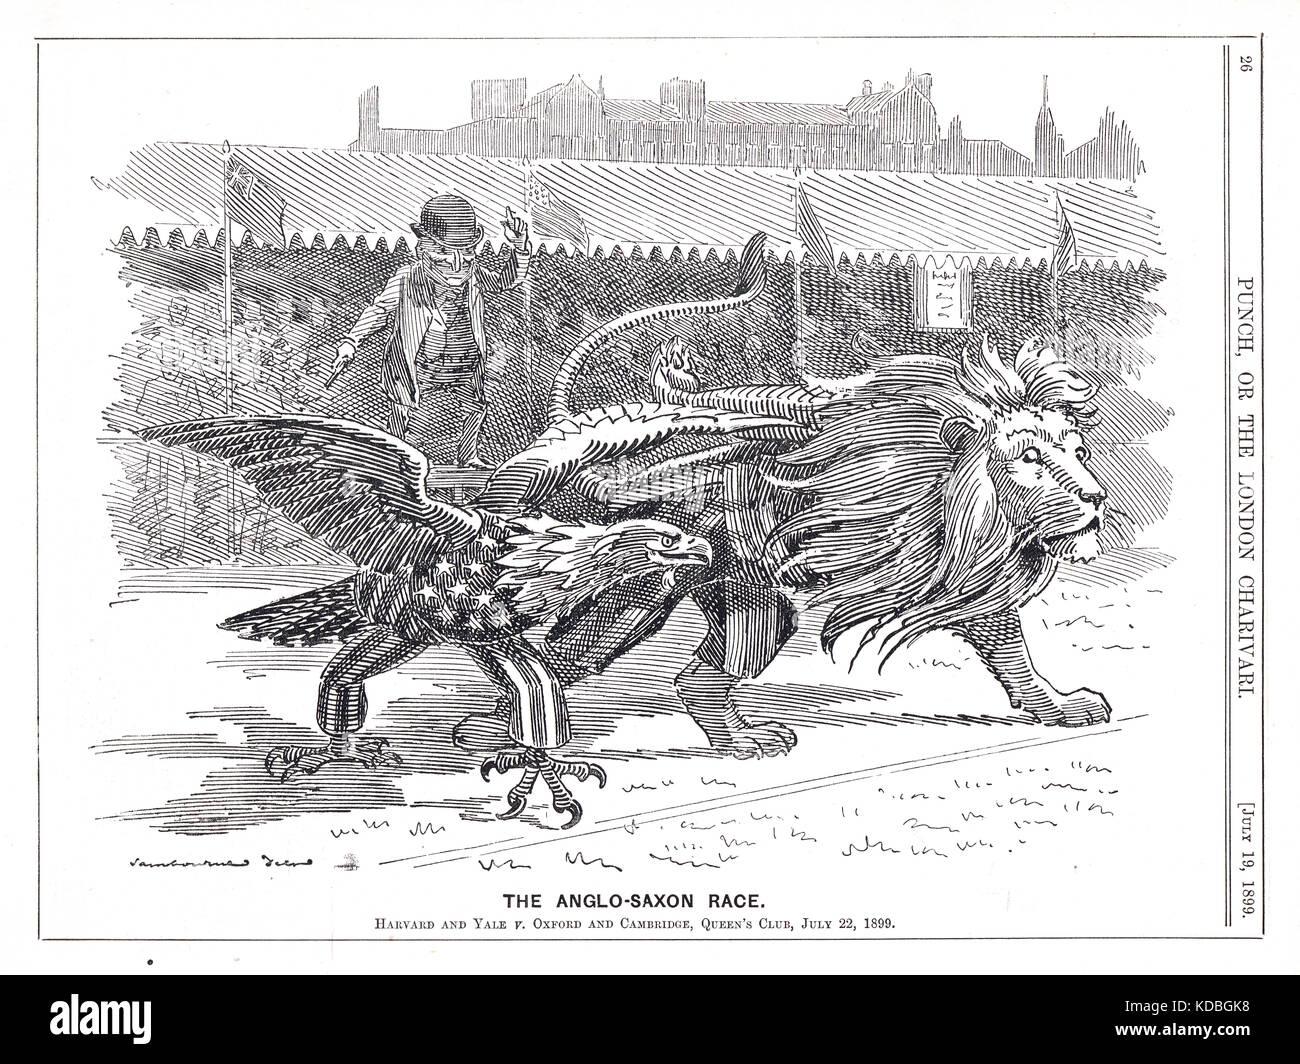 Meeting di atletica a Queen's club, 22 luglio 1899. Oxford e Cambridge v. Harvard e Yale.università. punch Immagini Stock